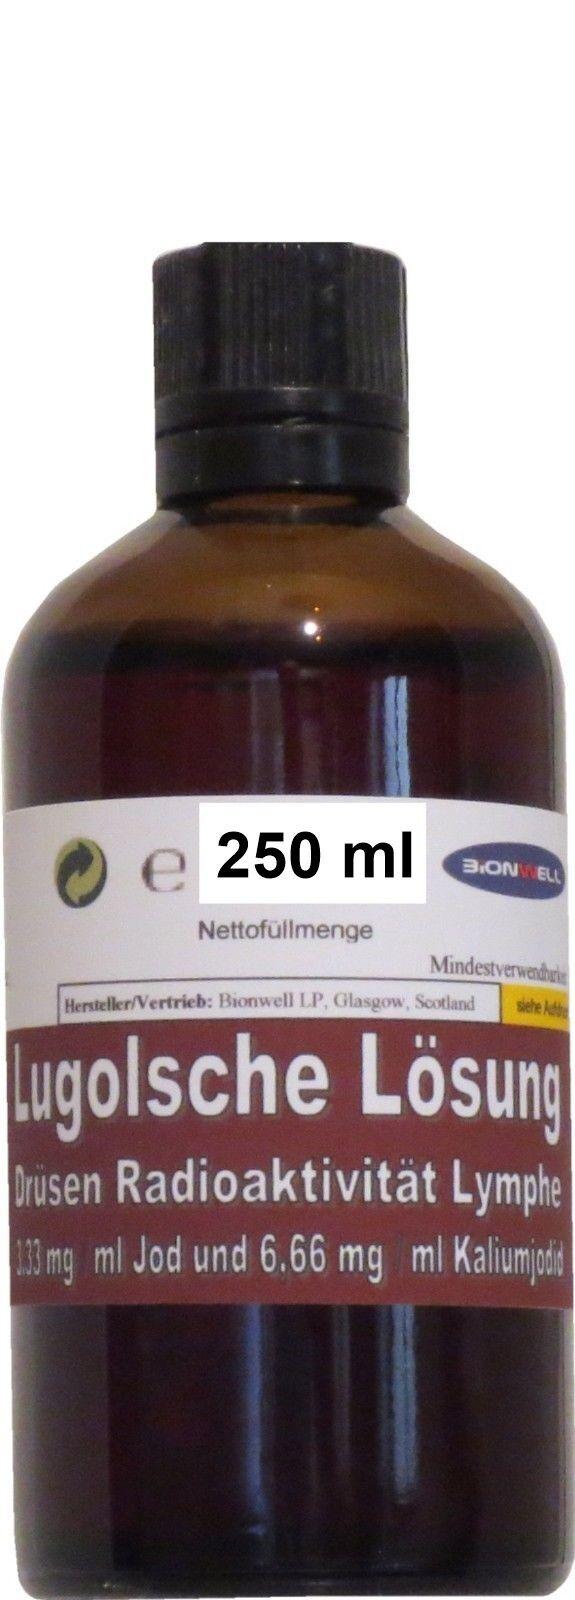 250 ml Flasche 5 % Lugolsche Lösung Jod Kaliumiodid Apothekerglas TROPFEREINSATZ